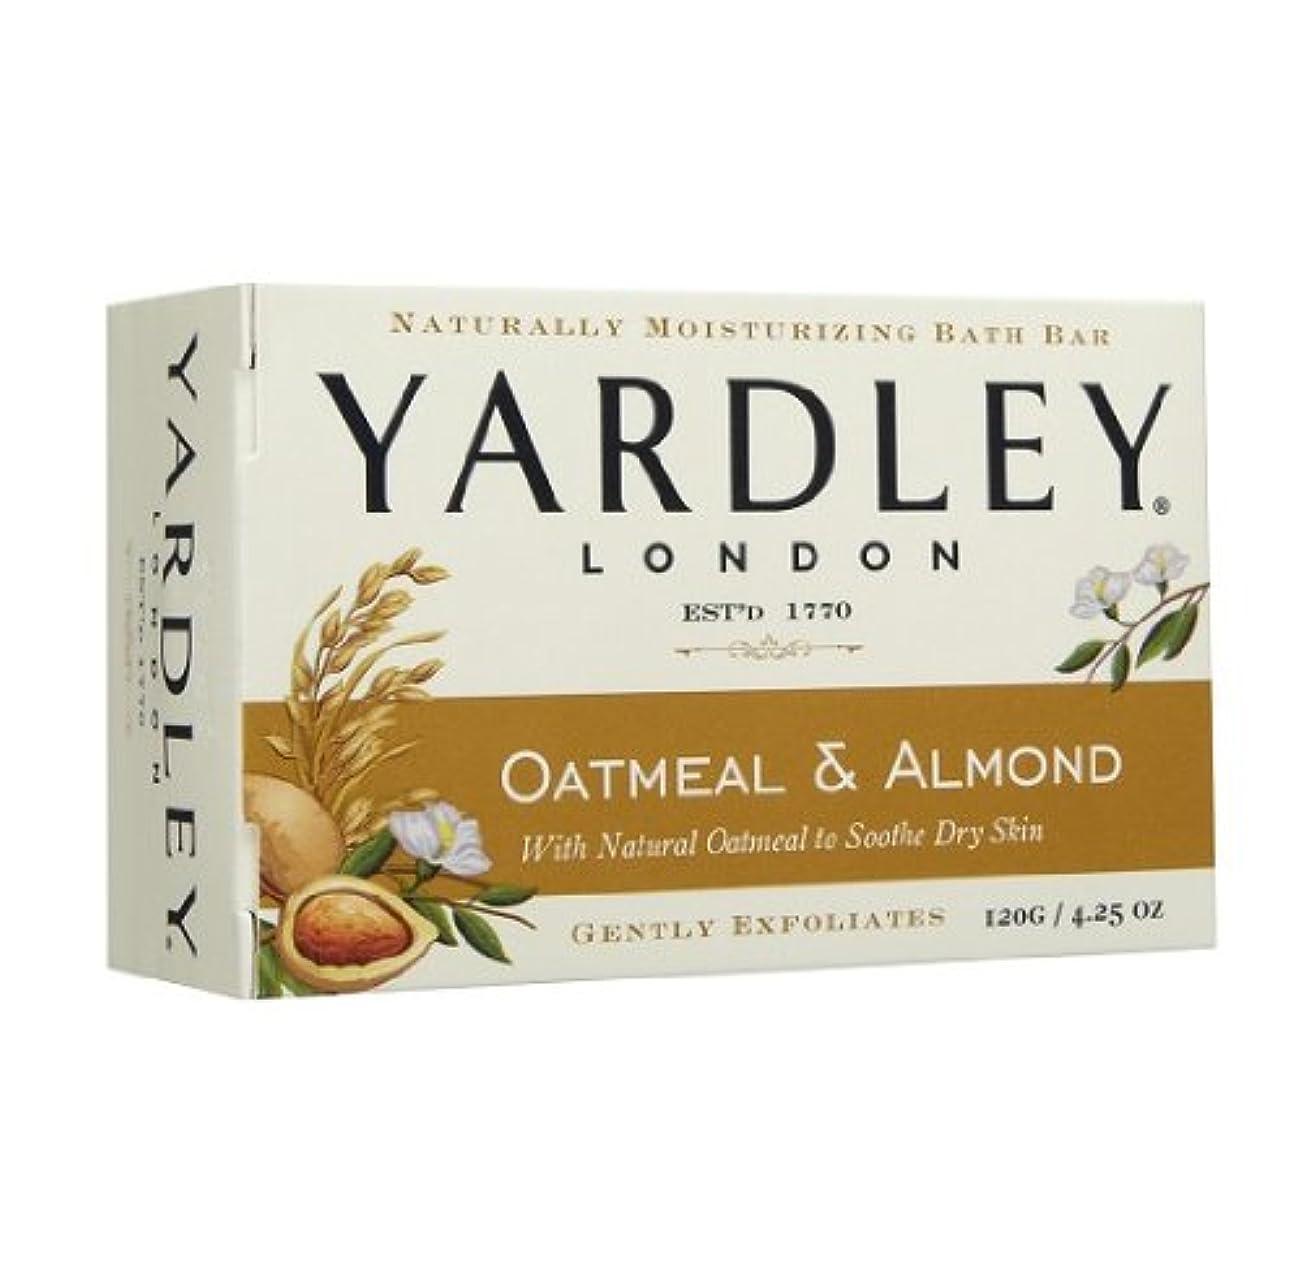 シチリアレーニン主義シーン【2個:ハワイ直送品】Yardley London Oatmean & Almond Moisturizing Bath Bar ヤードリー オートミール&アーモンド ソープ 120g